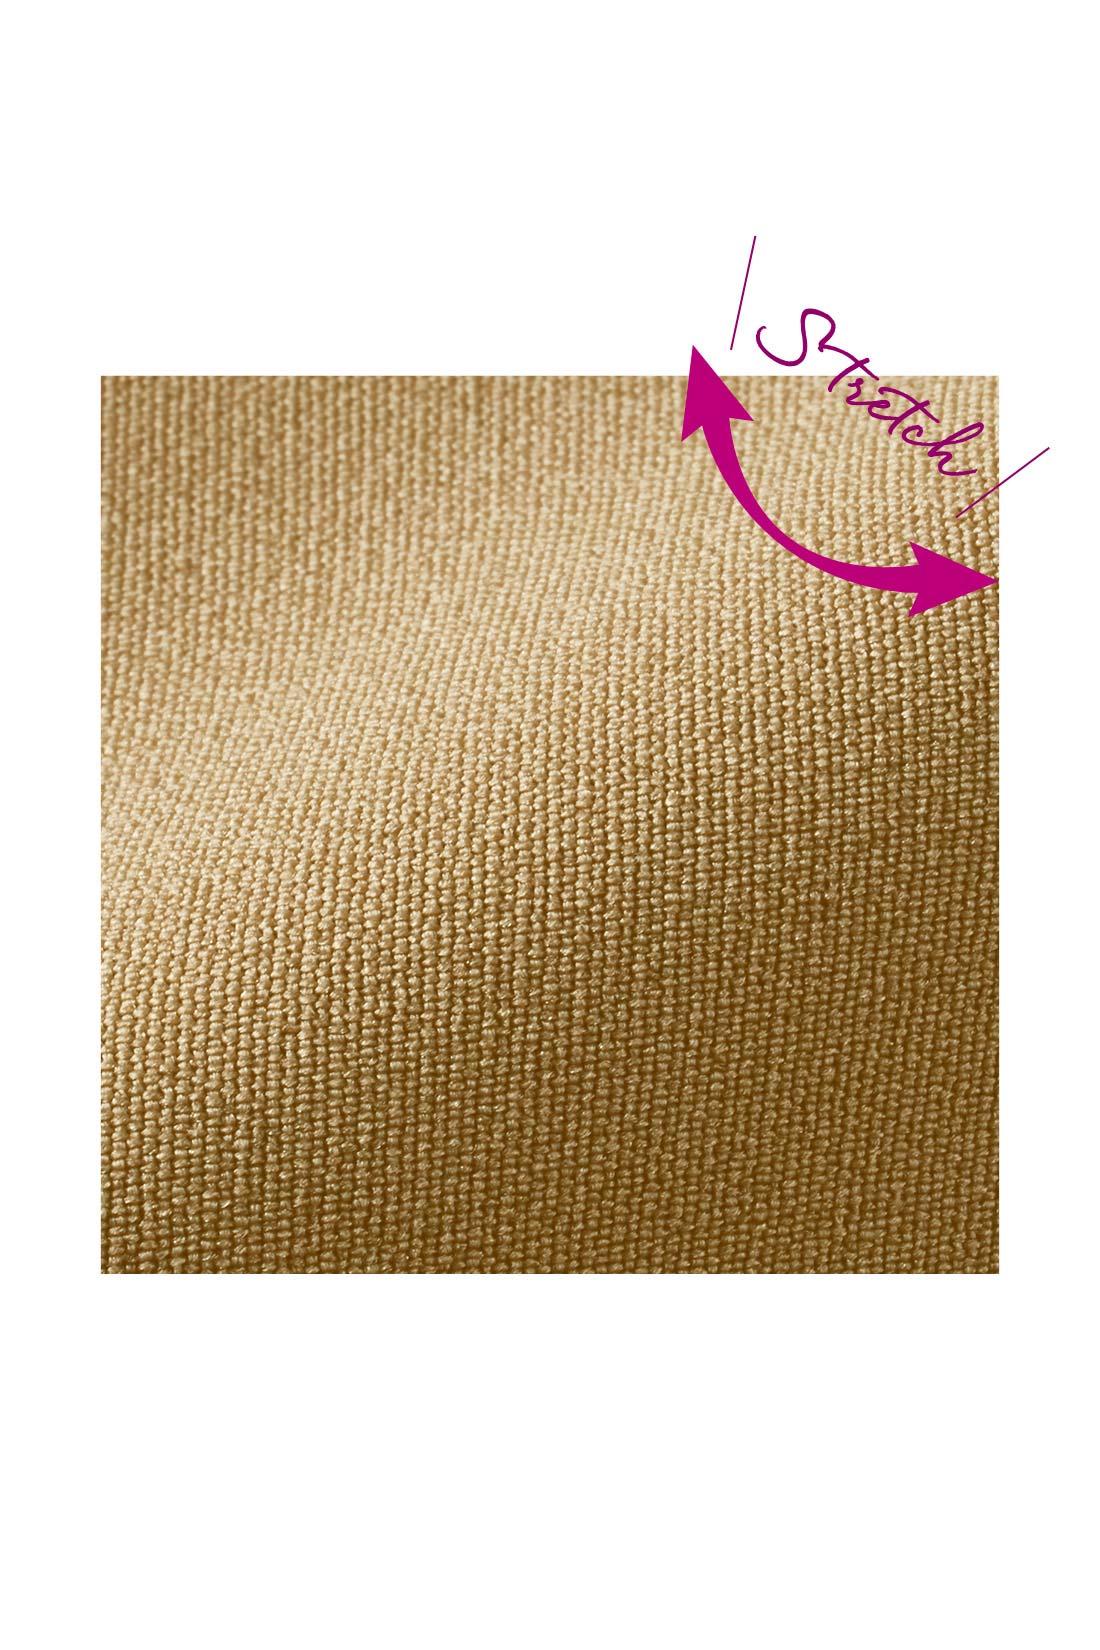 高ストレッチ&安心感のある厚み ほどよい厚みと張り感のある布はく素材が、からだのラインをカバー。ストレッチ性も高いので、下半身をきれいに見せる細身のシルエットでも窮屈感なく、らくなはき心地です。 ※お届けするカラーとは異なります。